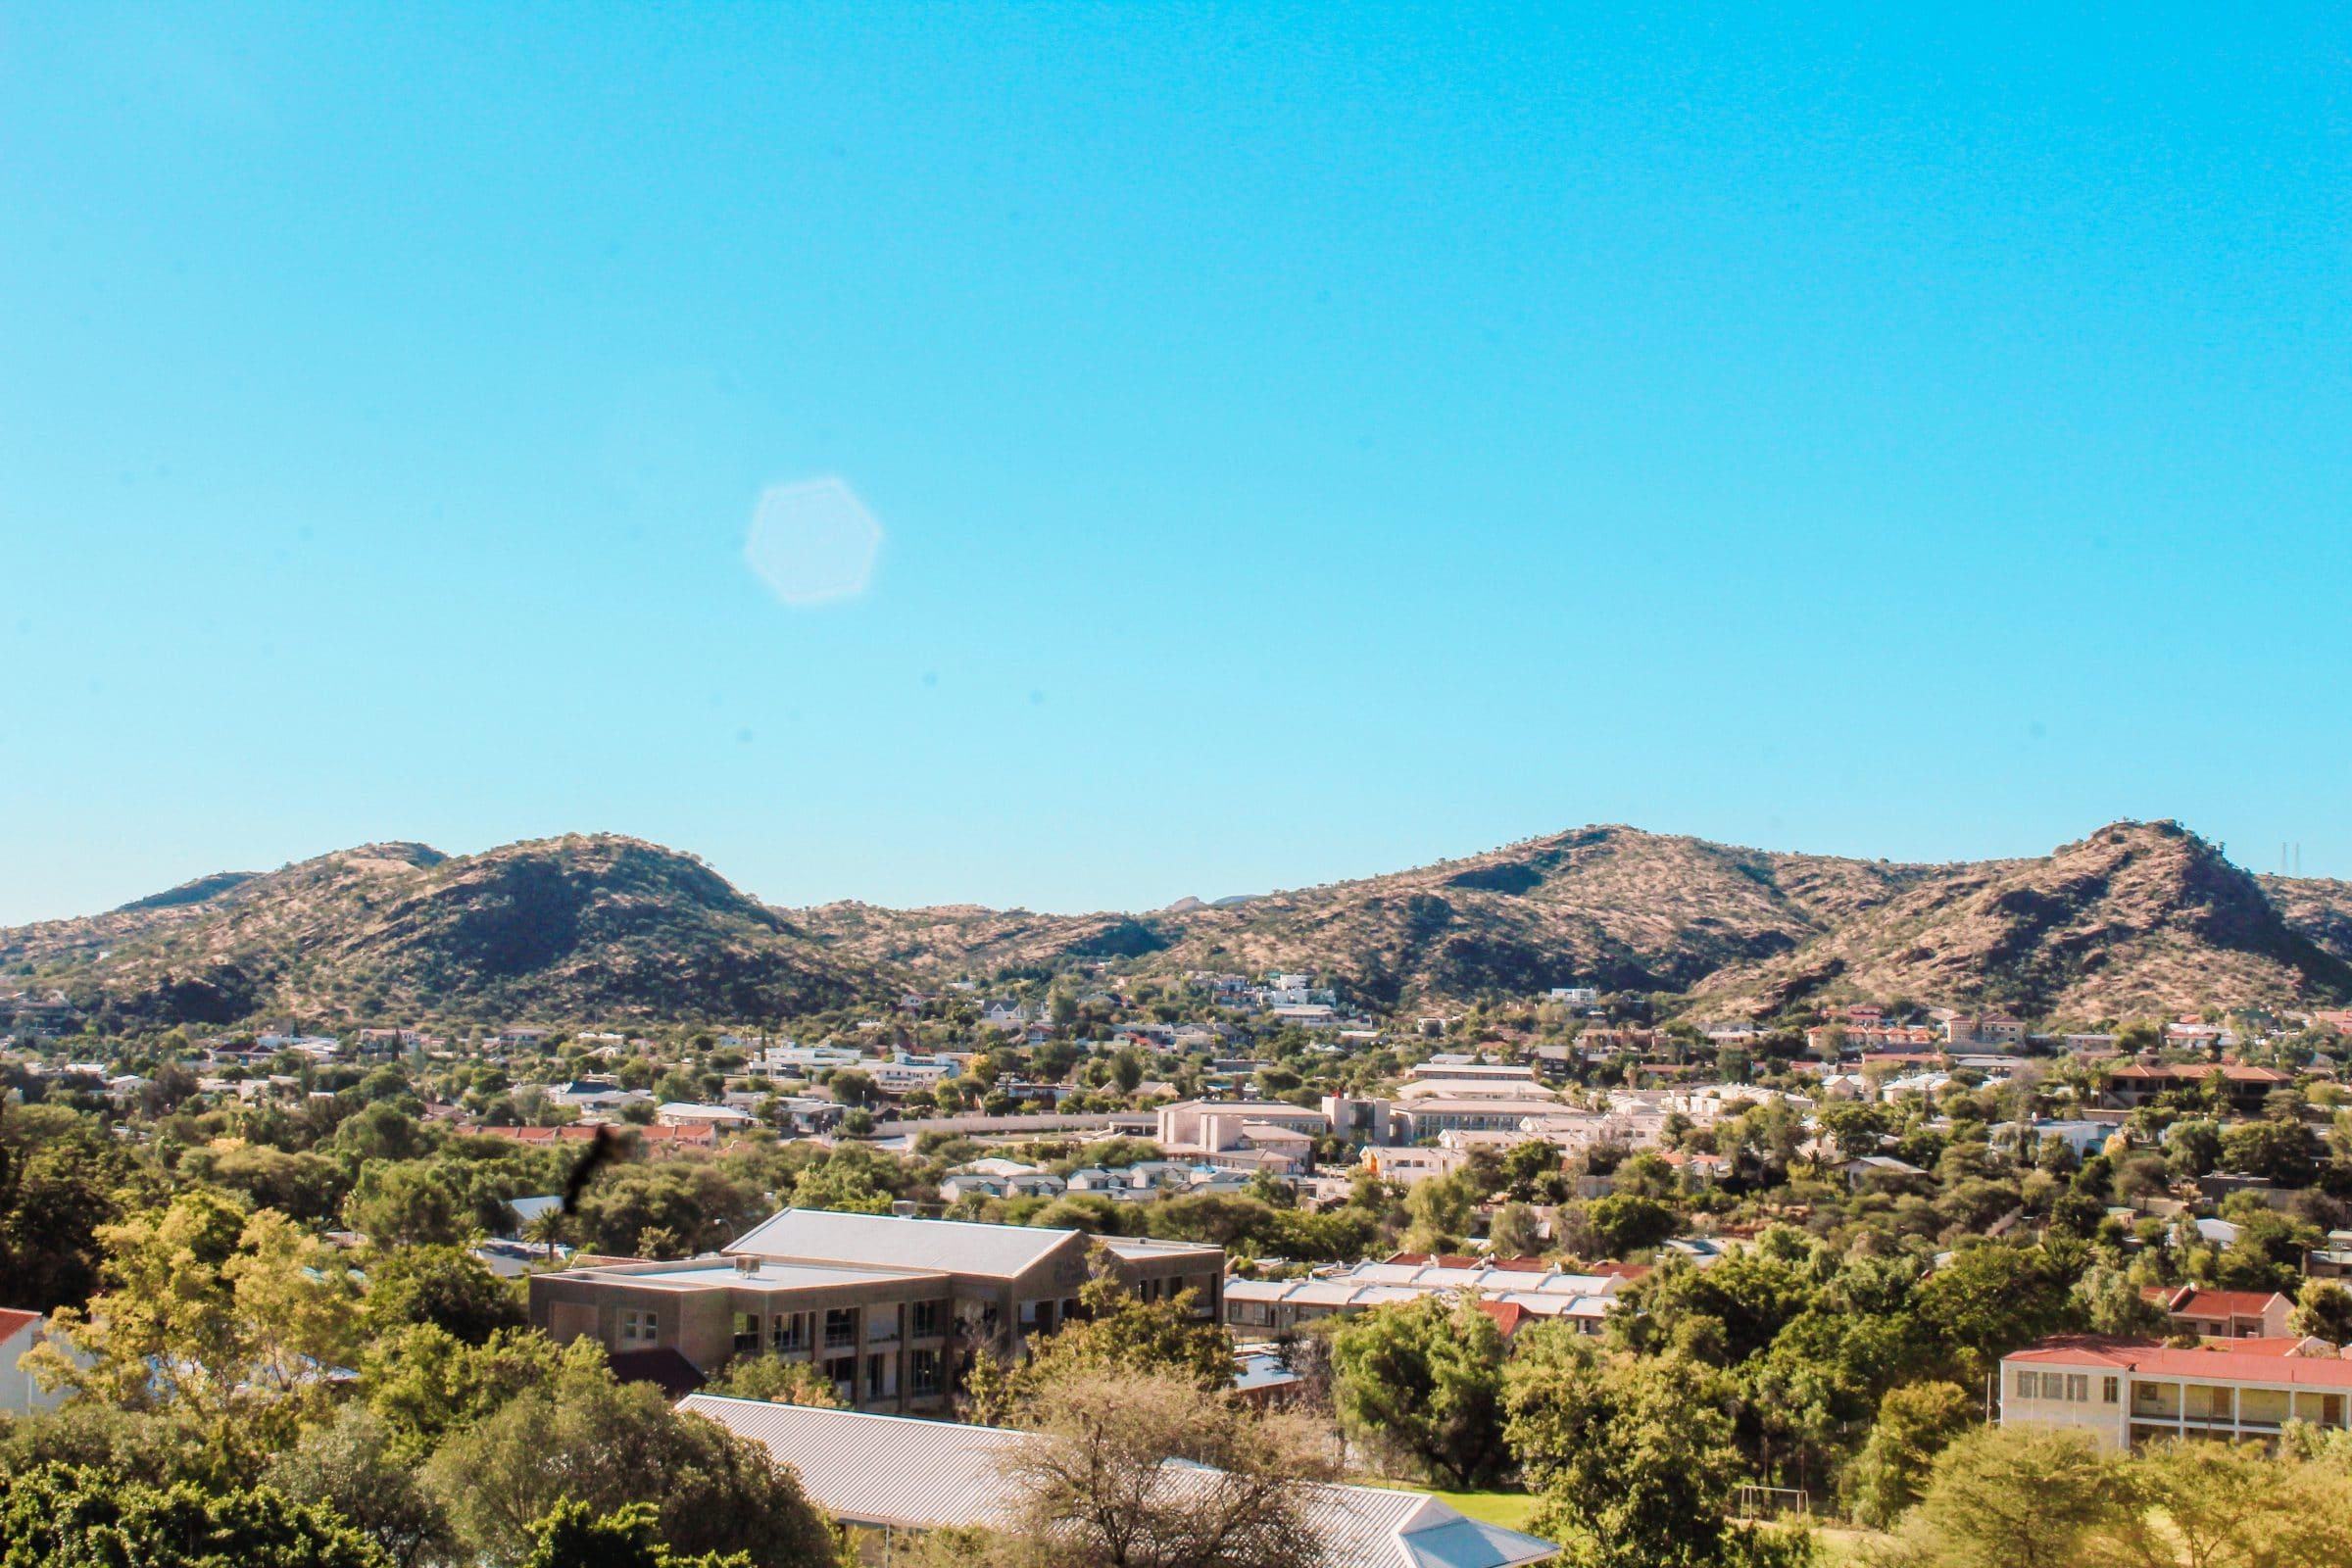 Uitzicht vanaf de Sky Lounge Am Weinberg | Bezienswaardigheden Windhoek